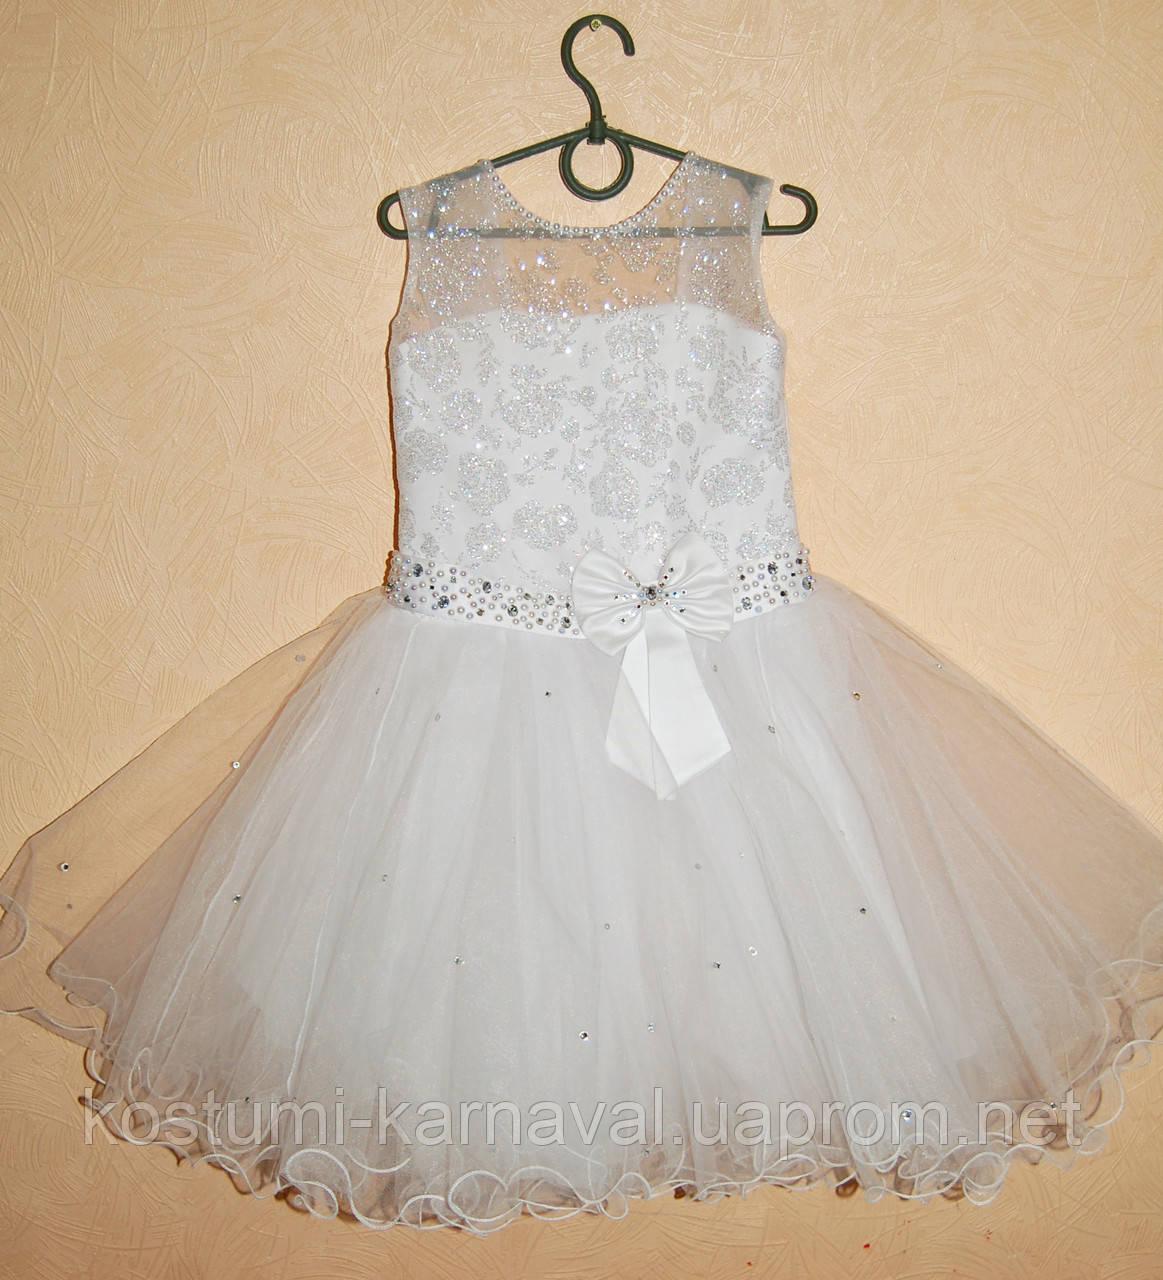 Белое Праздничное Платье для девочки , Бальное платье для девочки 4-7 лет